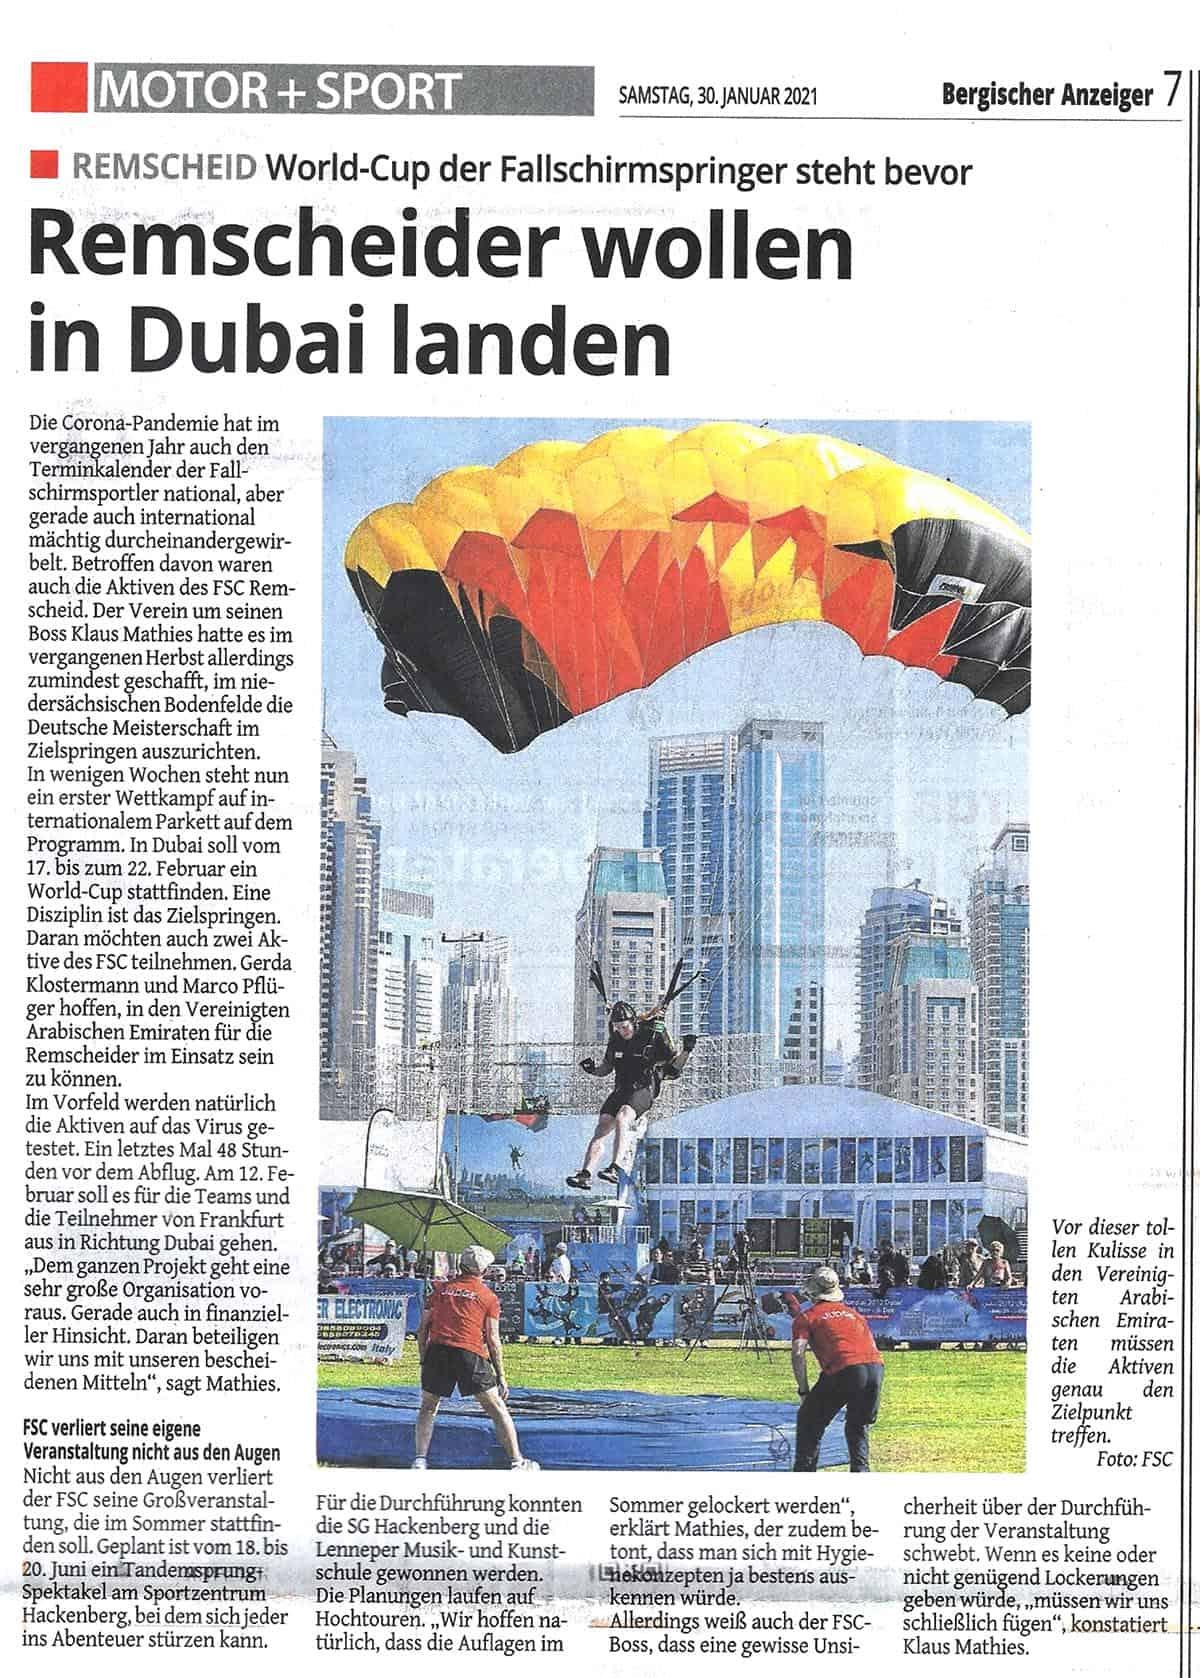 Pressetext Bergischer Anzeiger zu Dubai